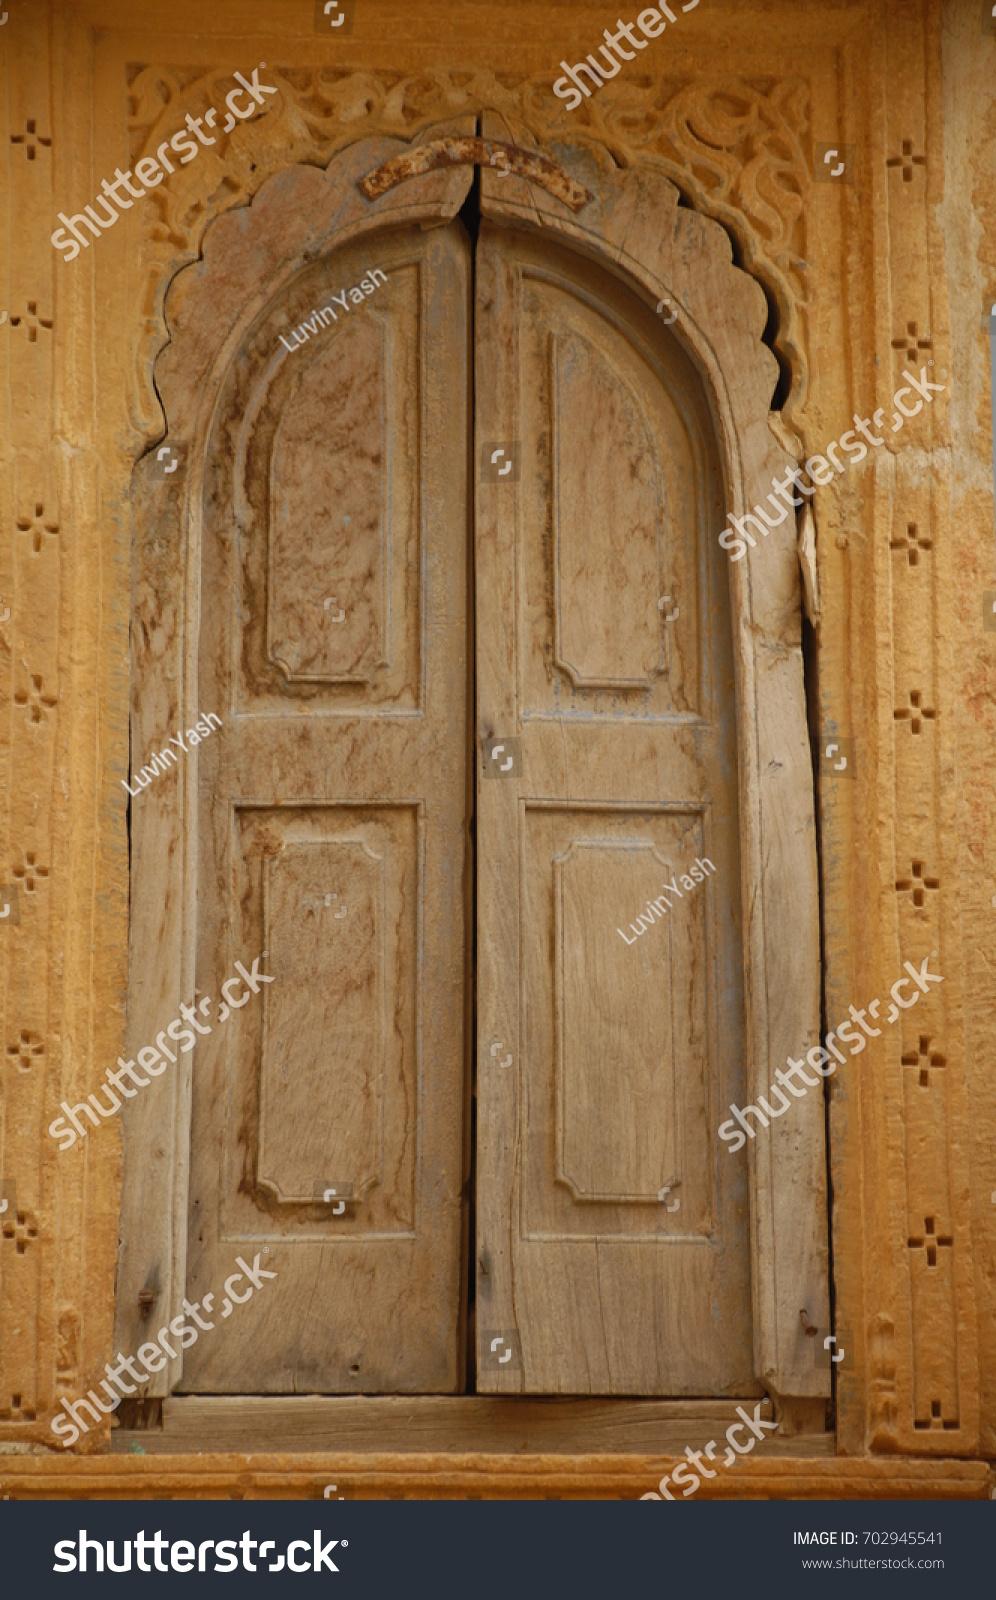 Antic Wood Door & Antic Wood Door Stock Photo (Royalty Free) 702945541 - Shutterstock